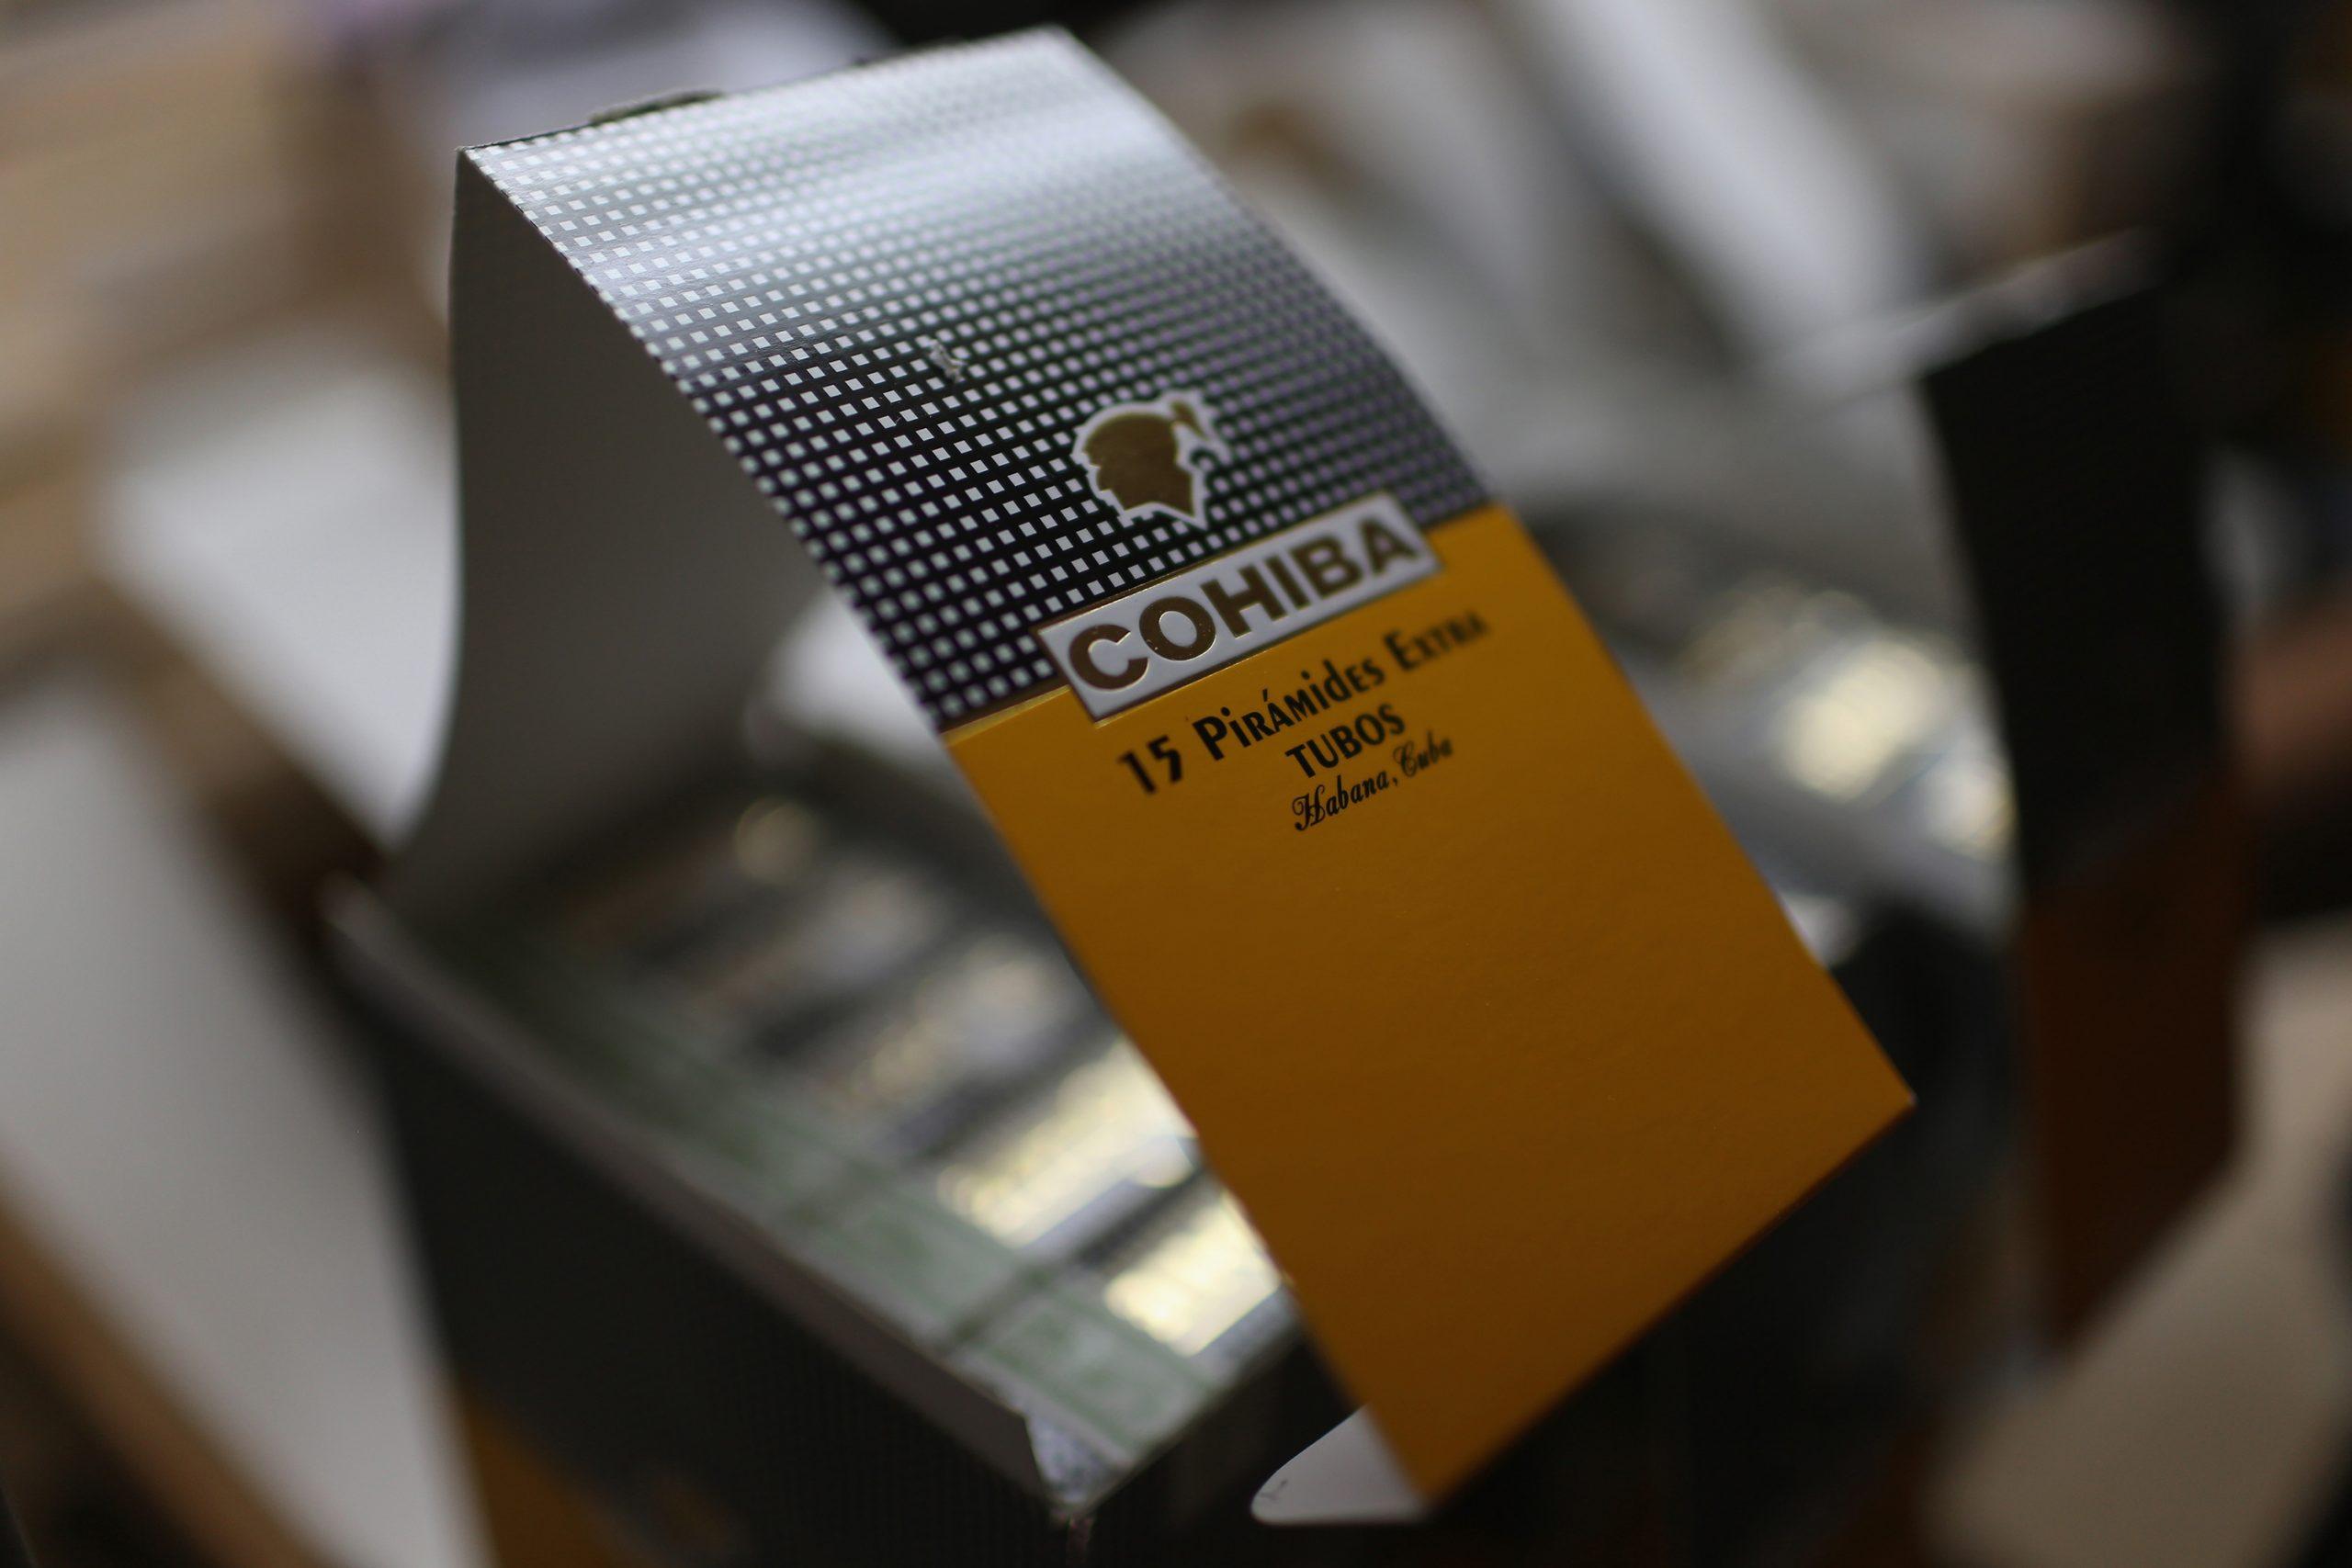 Cajas de Cohiba